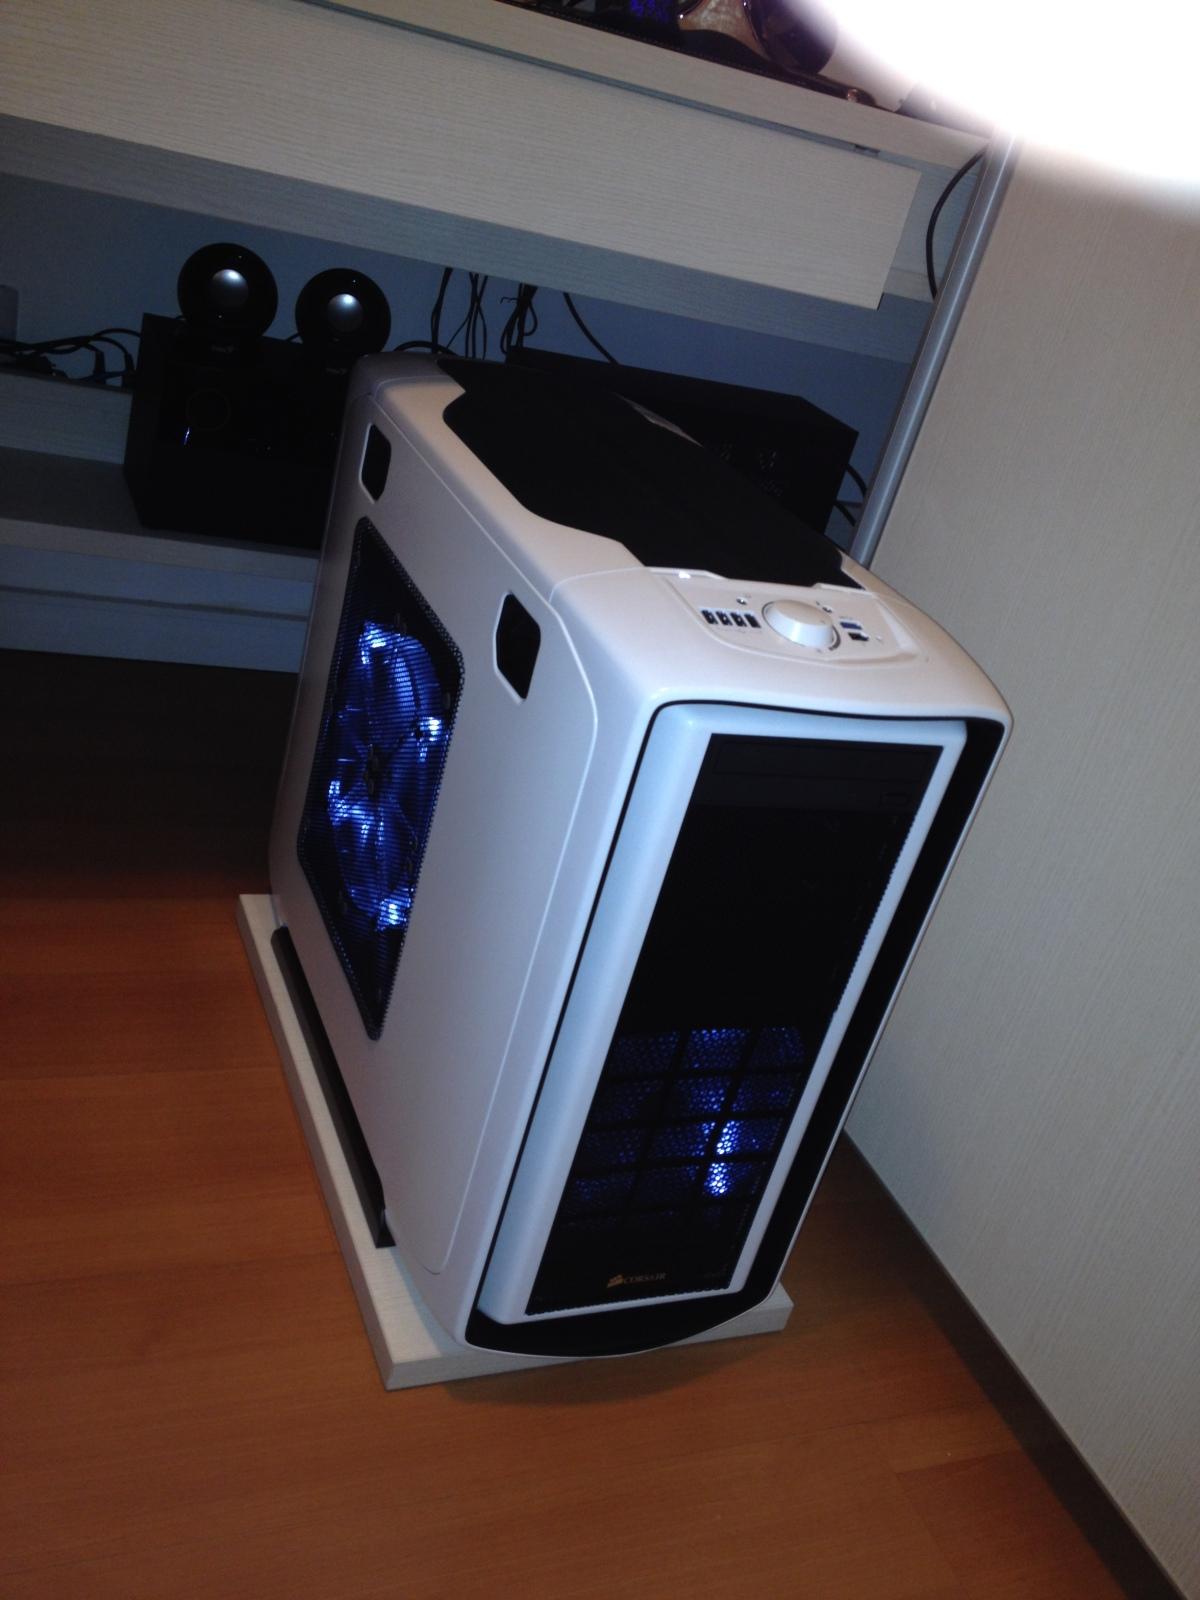 [FIXO]Mostre seu PC por dentro e por fora. 1zlc1s2